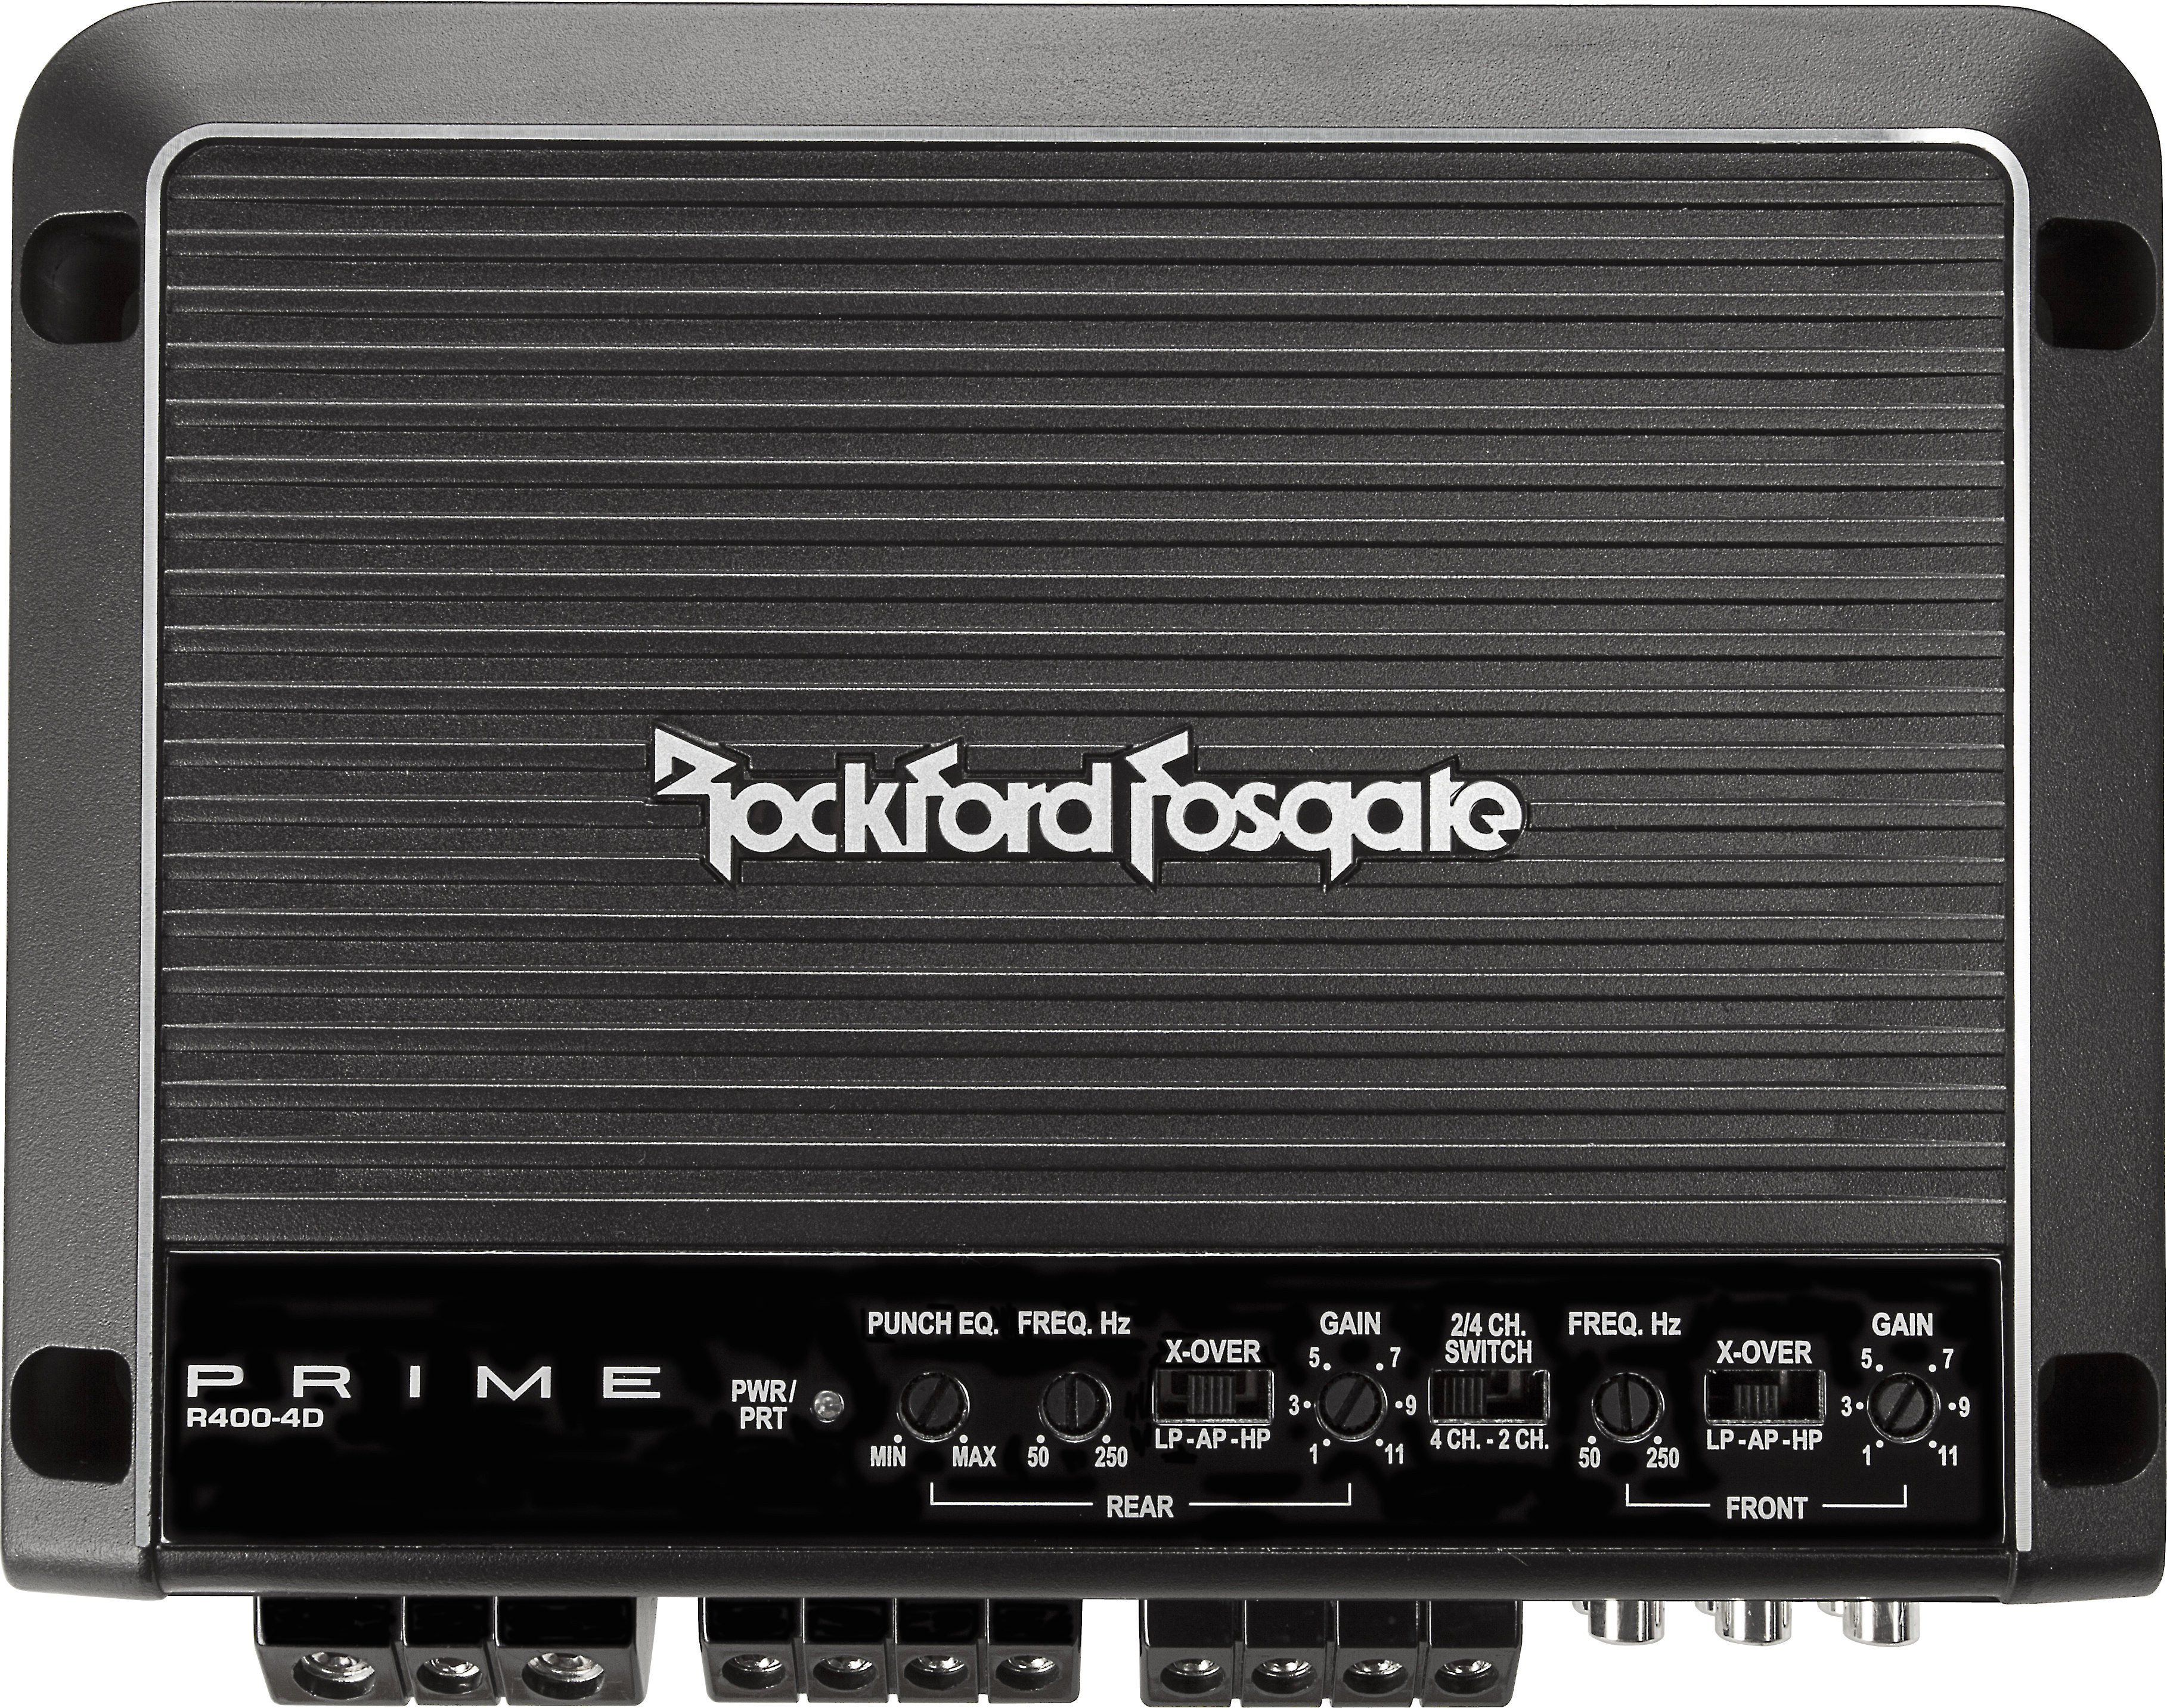 Rockford Fosgate R400-4D External Amplifier